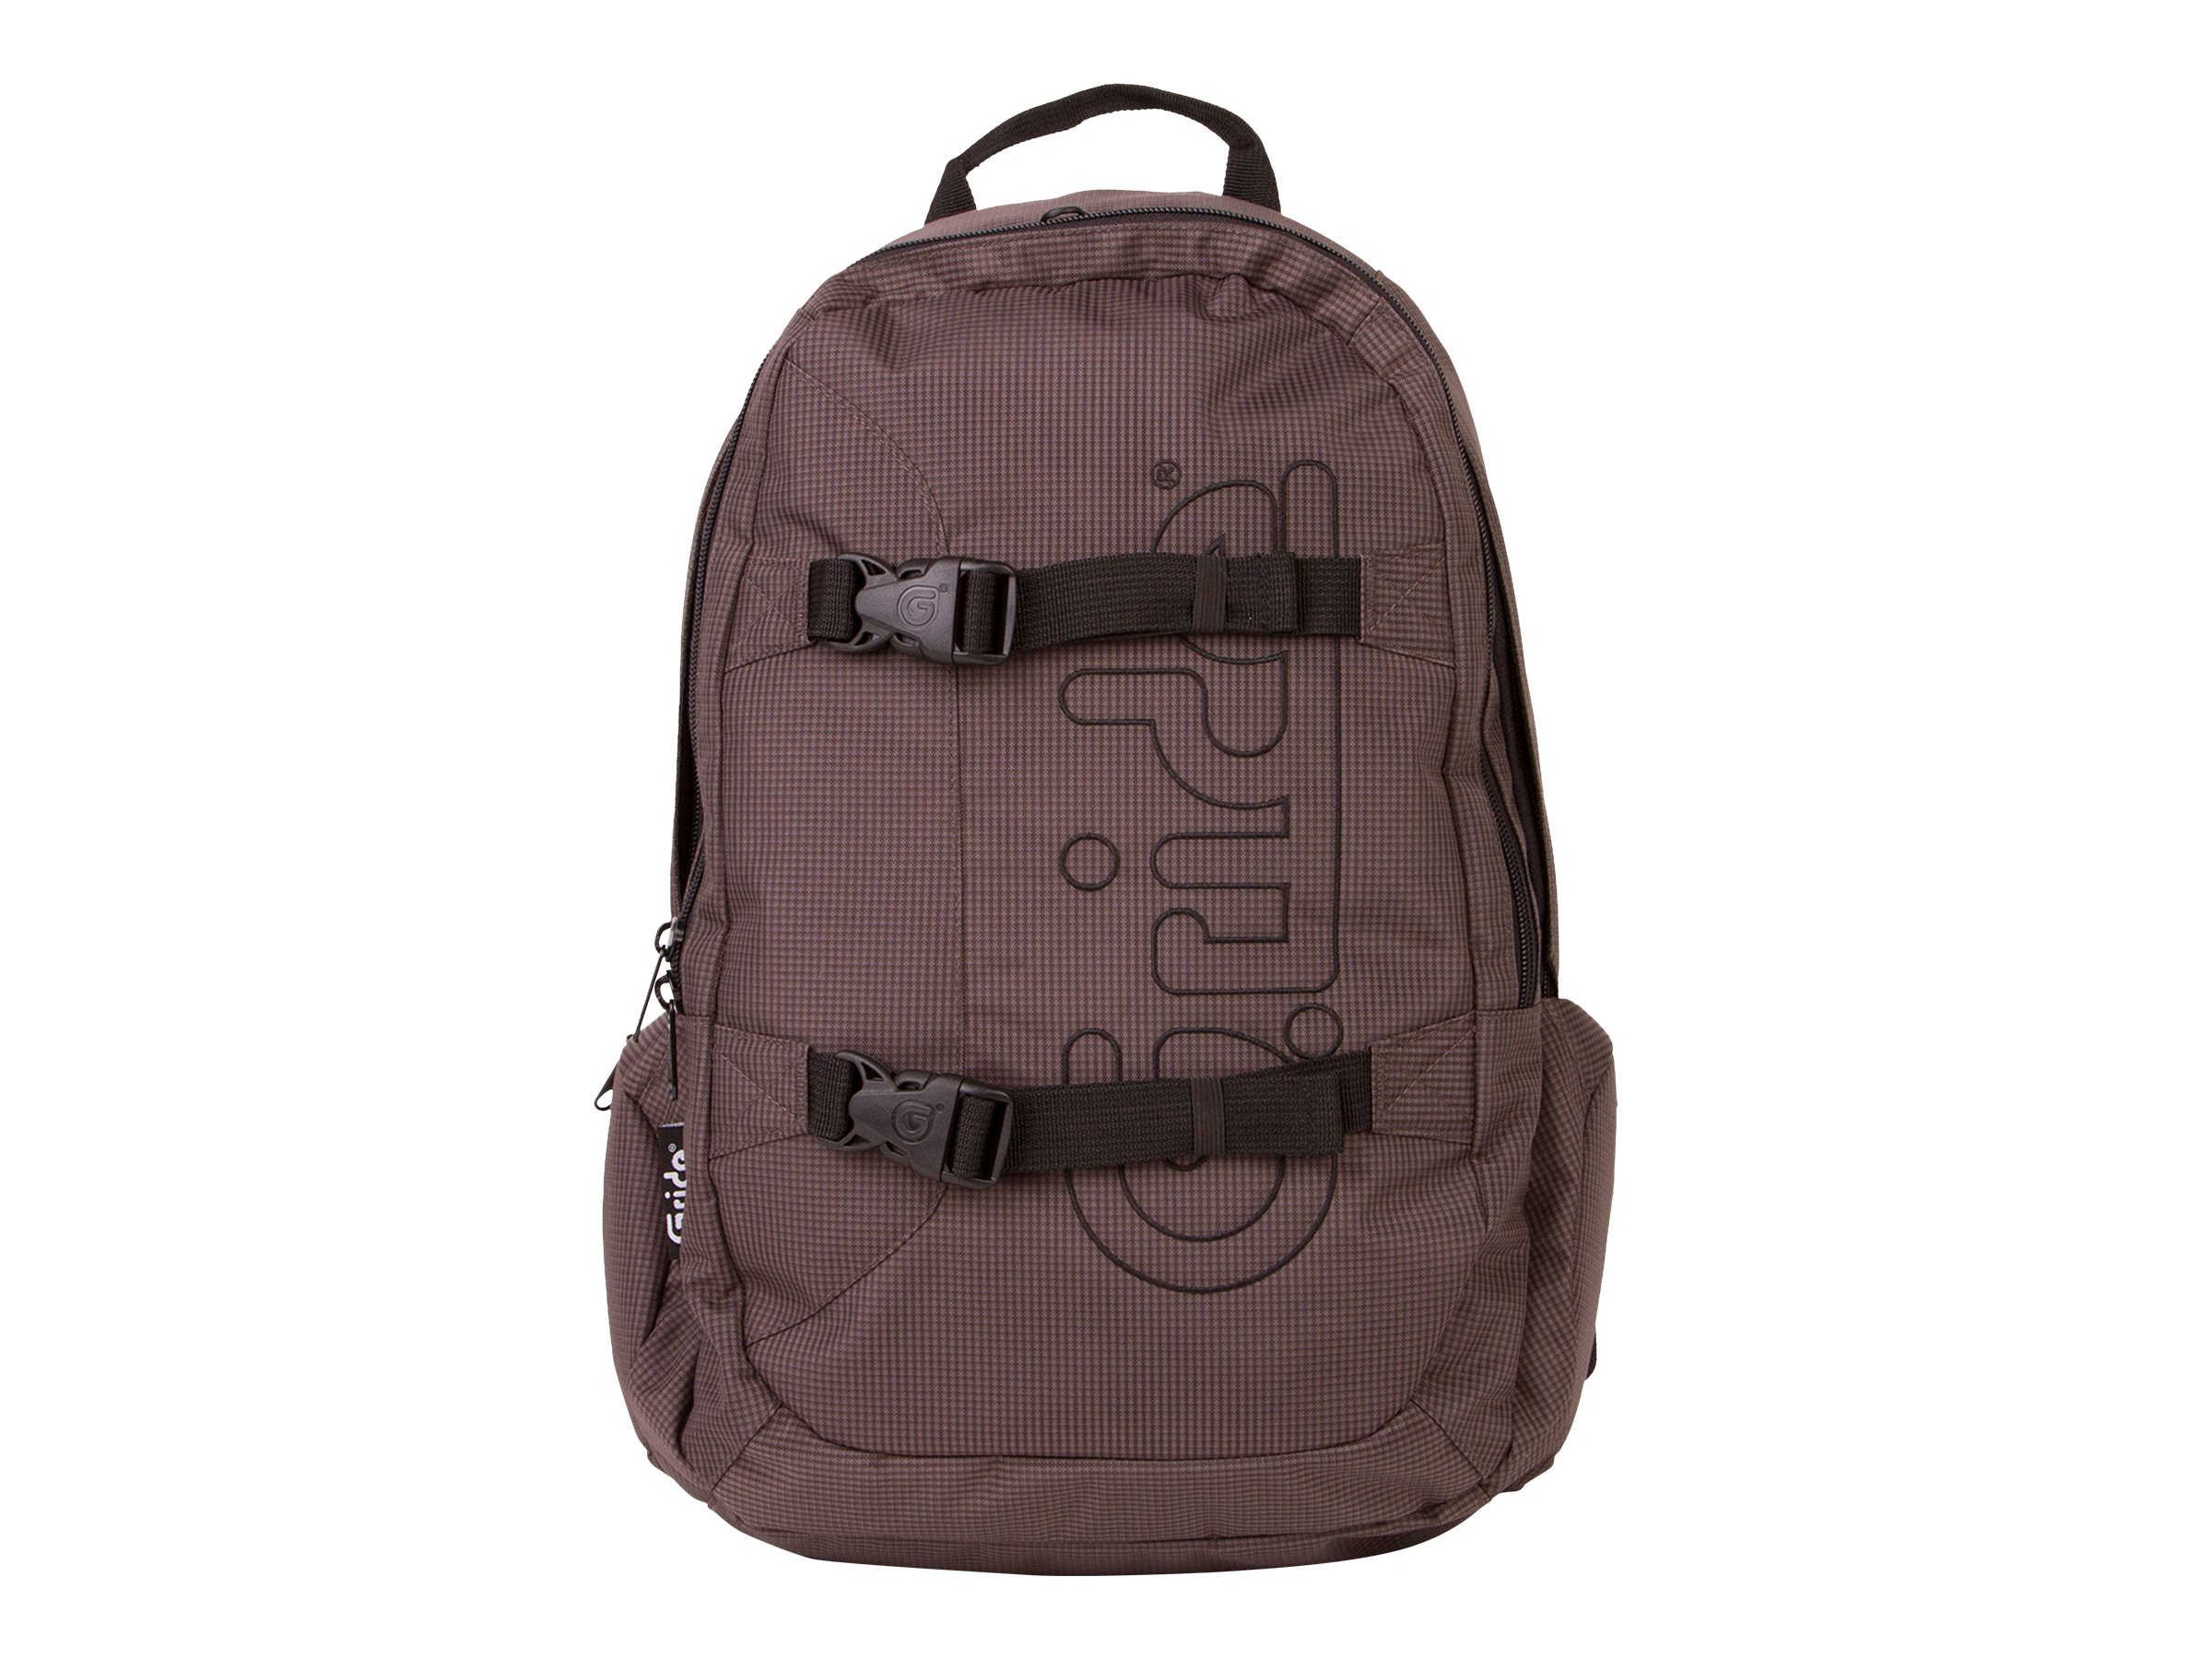 G.ride ANDY - sac à dos pour ordinateur portable